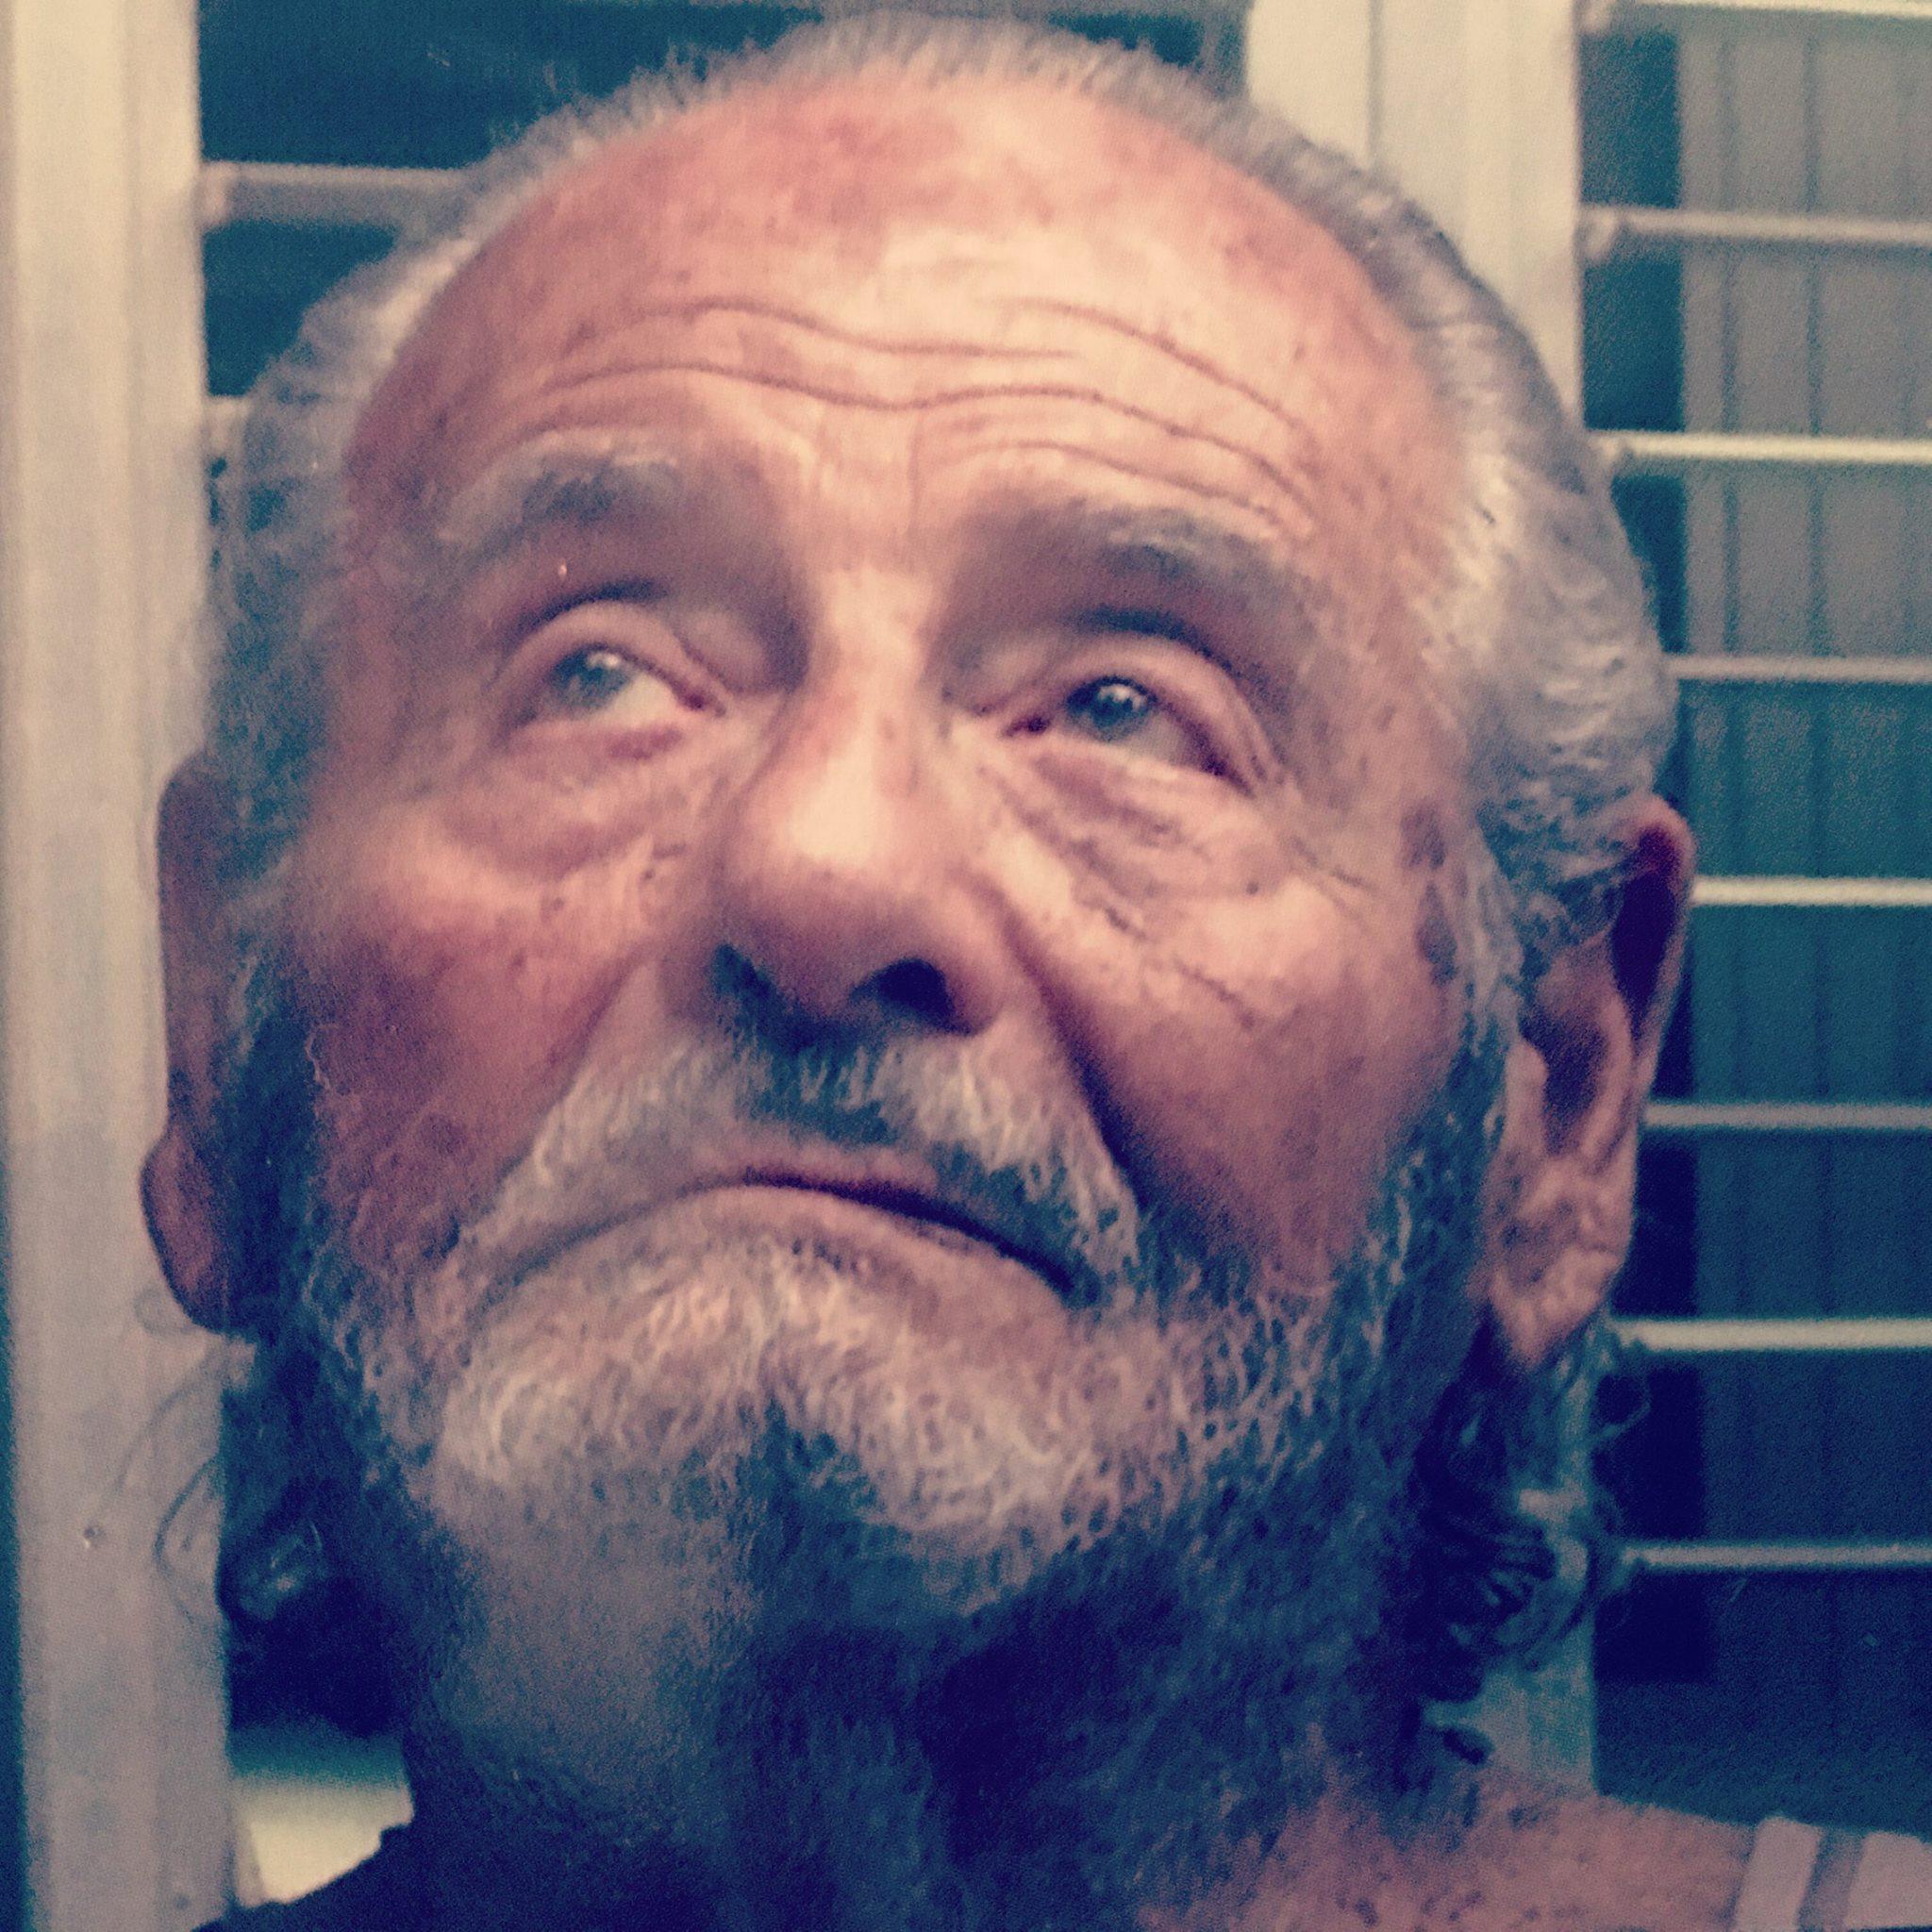 אני וסבא פן - הרצאה לסבים וסבתות